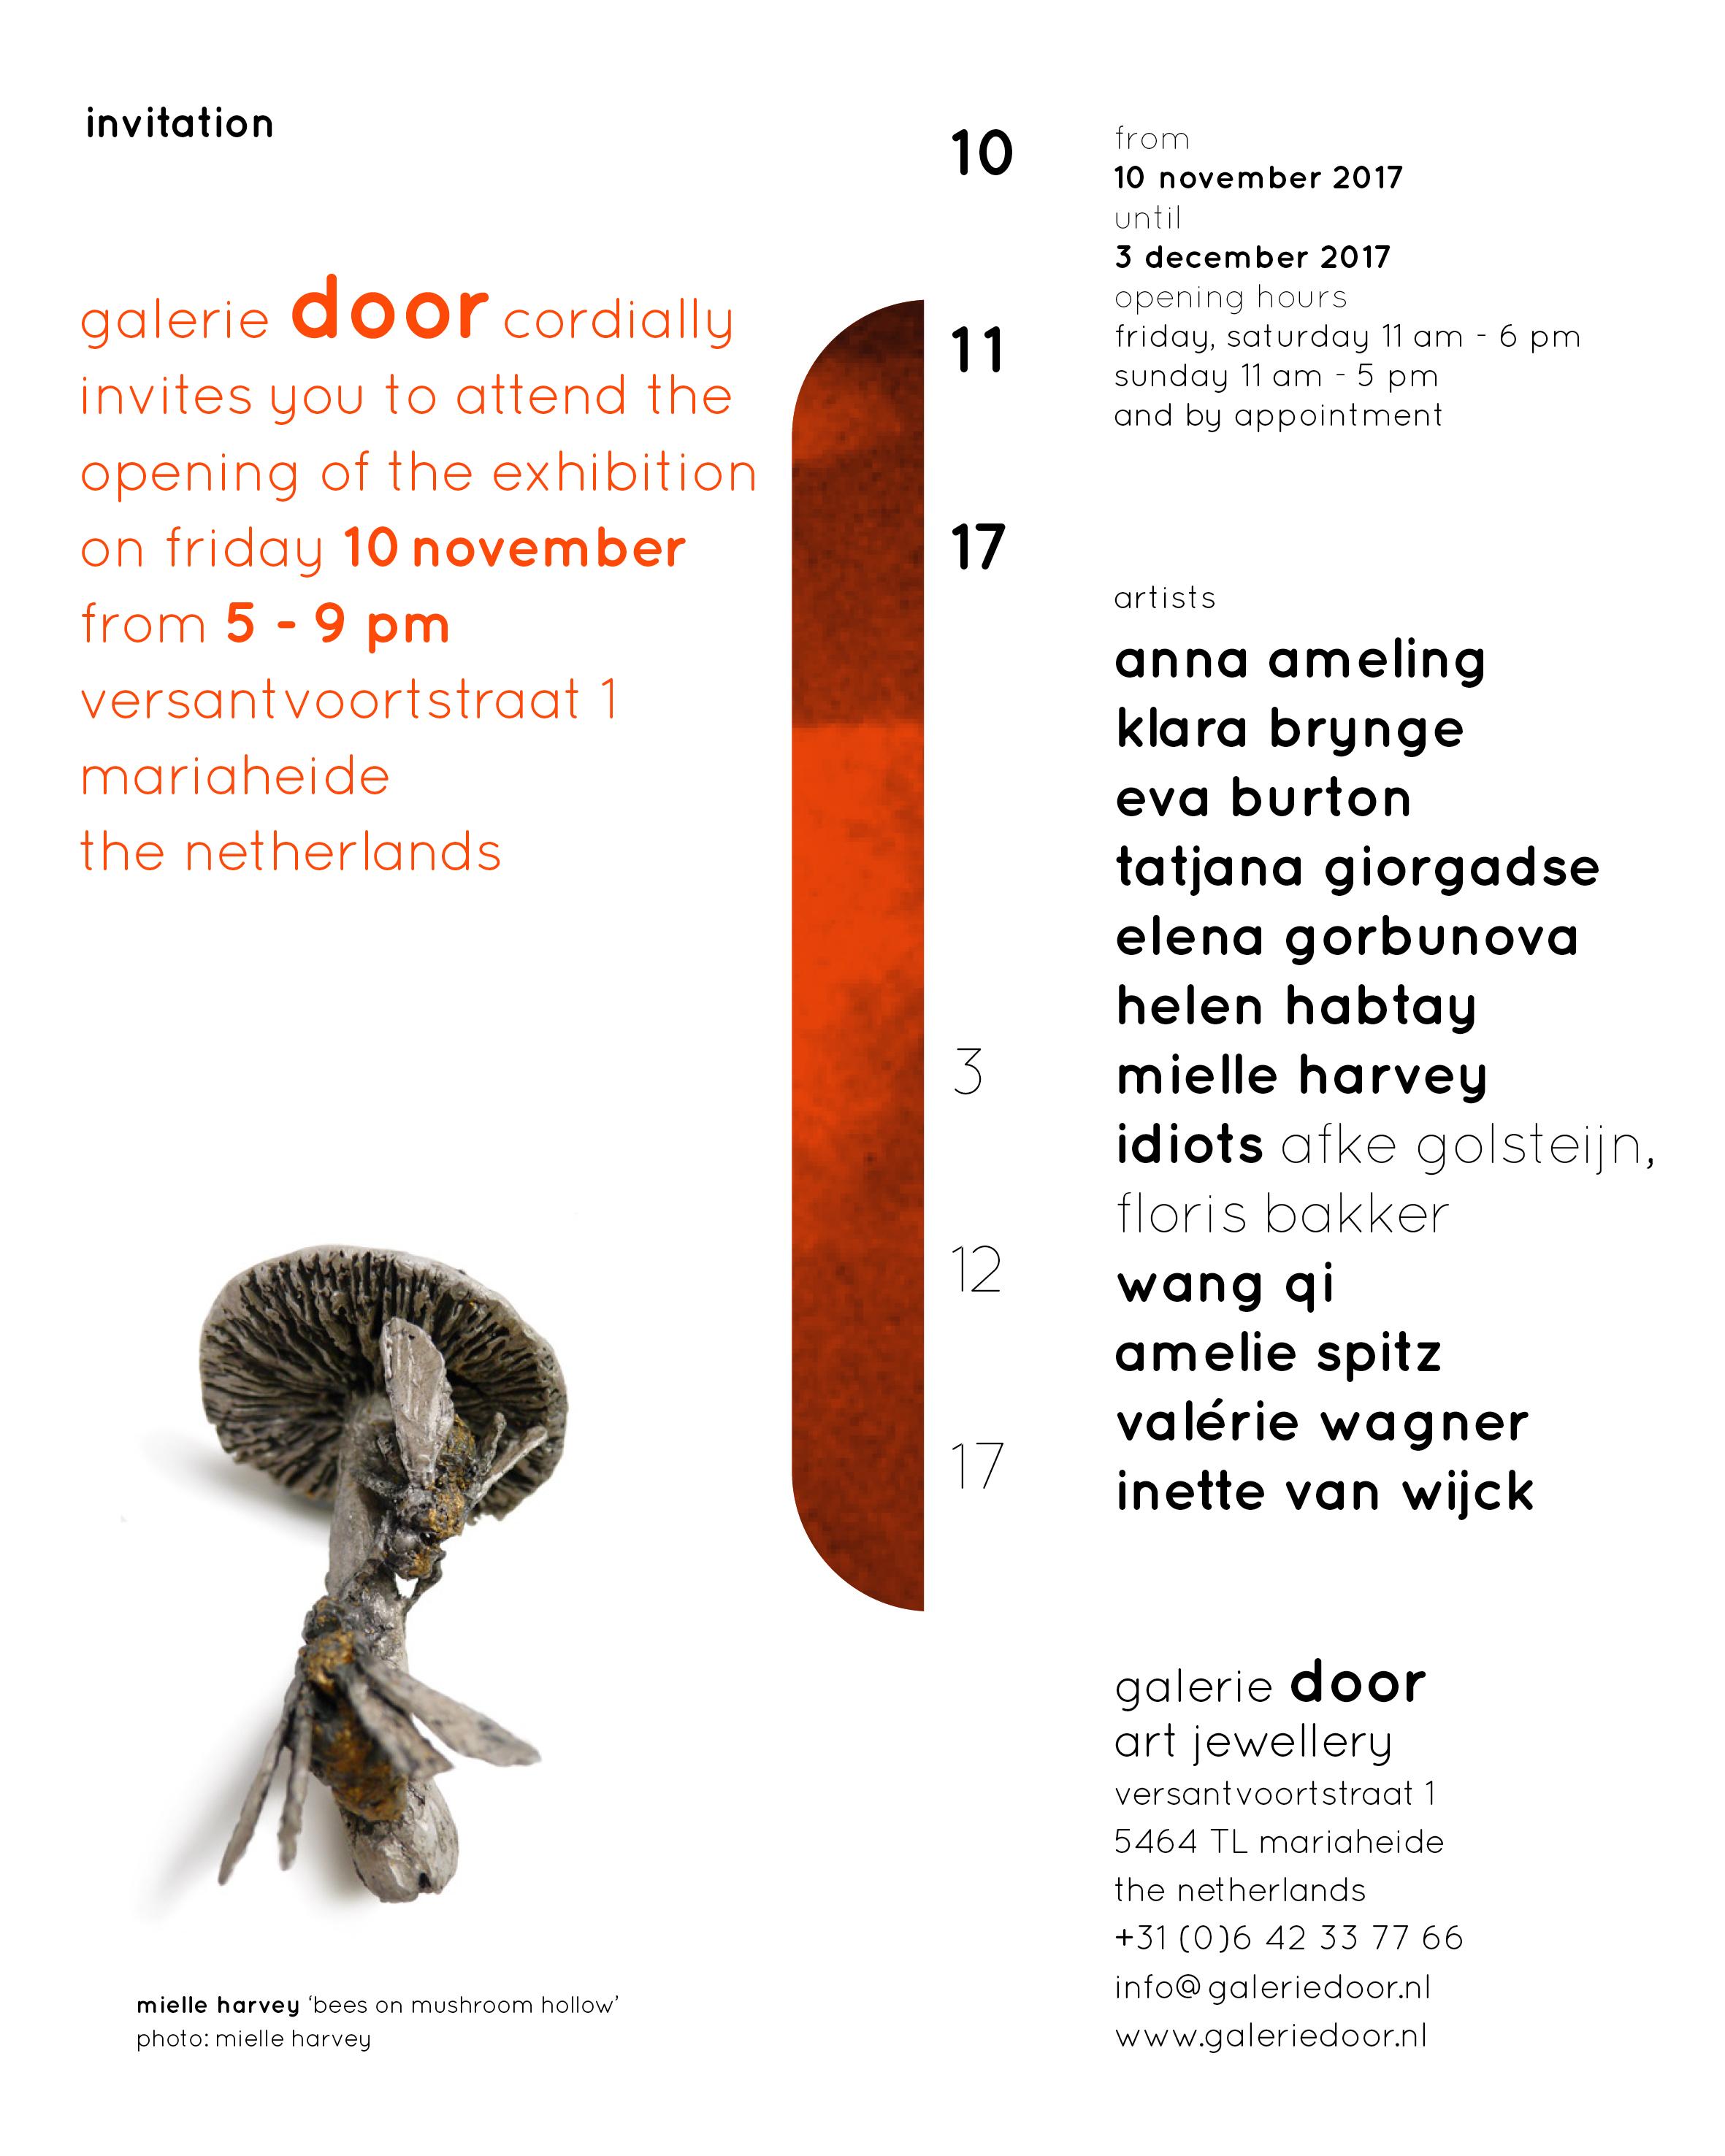 galerie door invitation opening 2017 uitnodiging november 2017